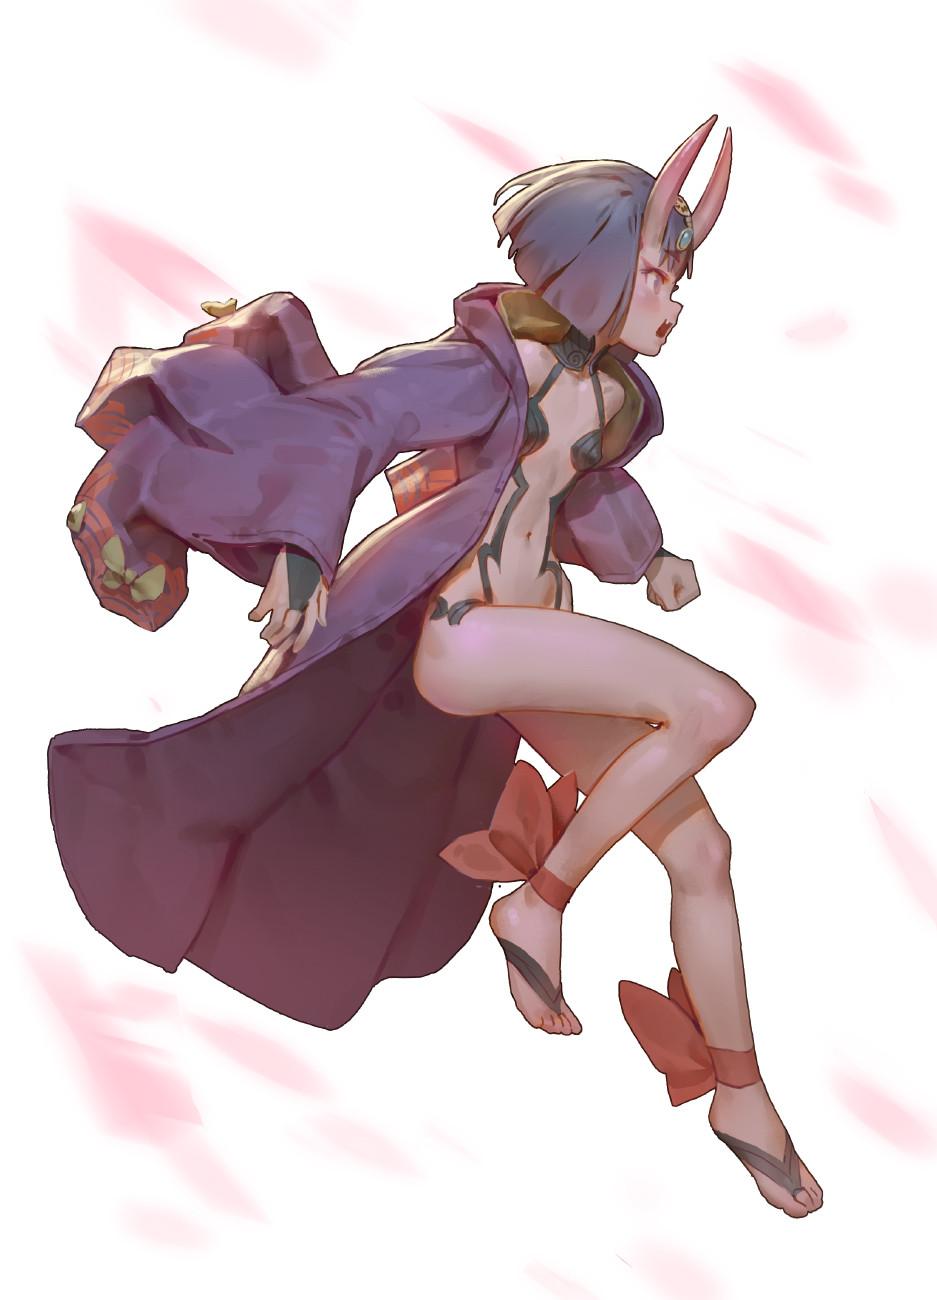 Shuten Douji from Fate/G.O.